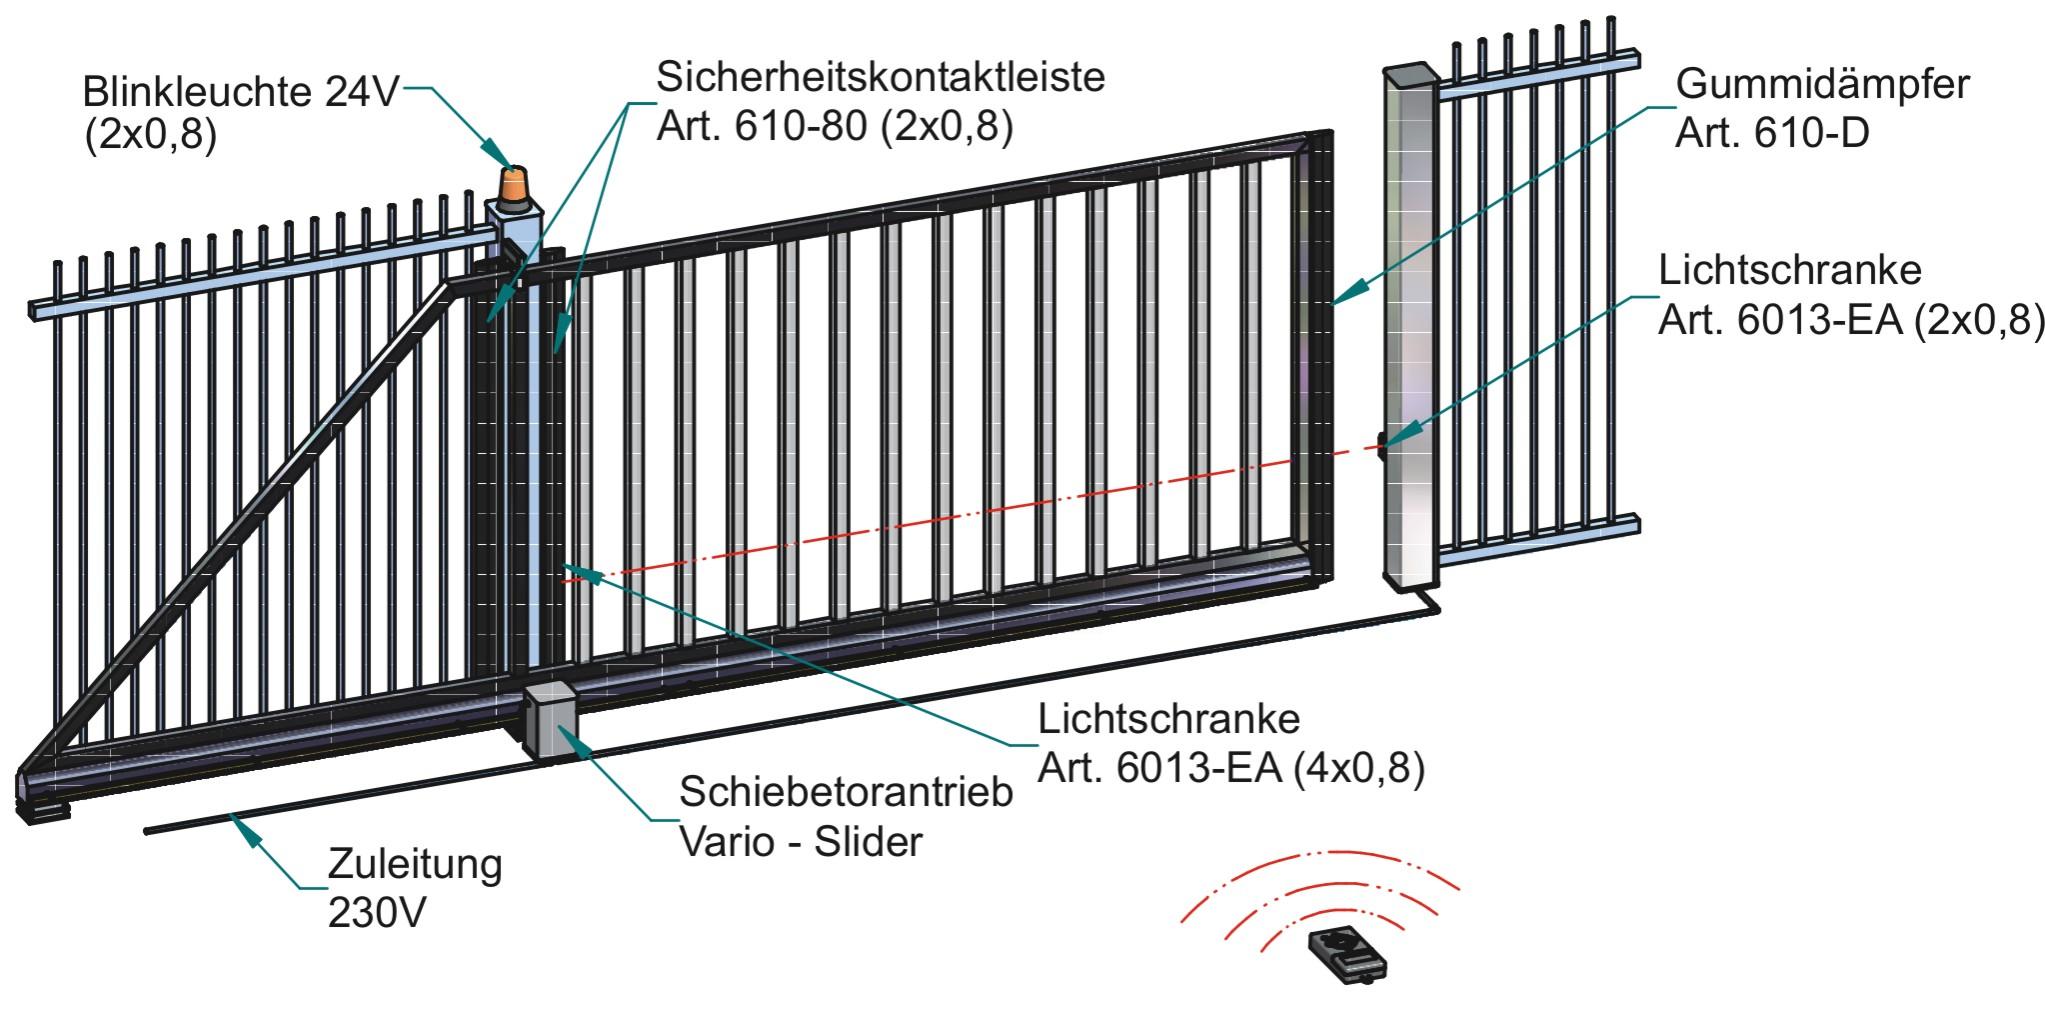 Vario-slider-Kabelplan